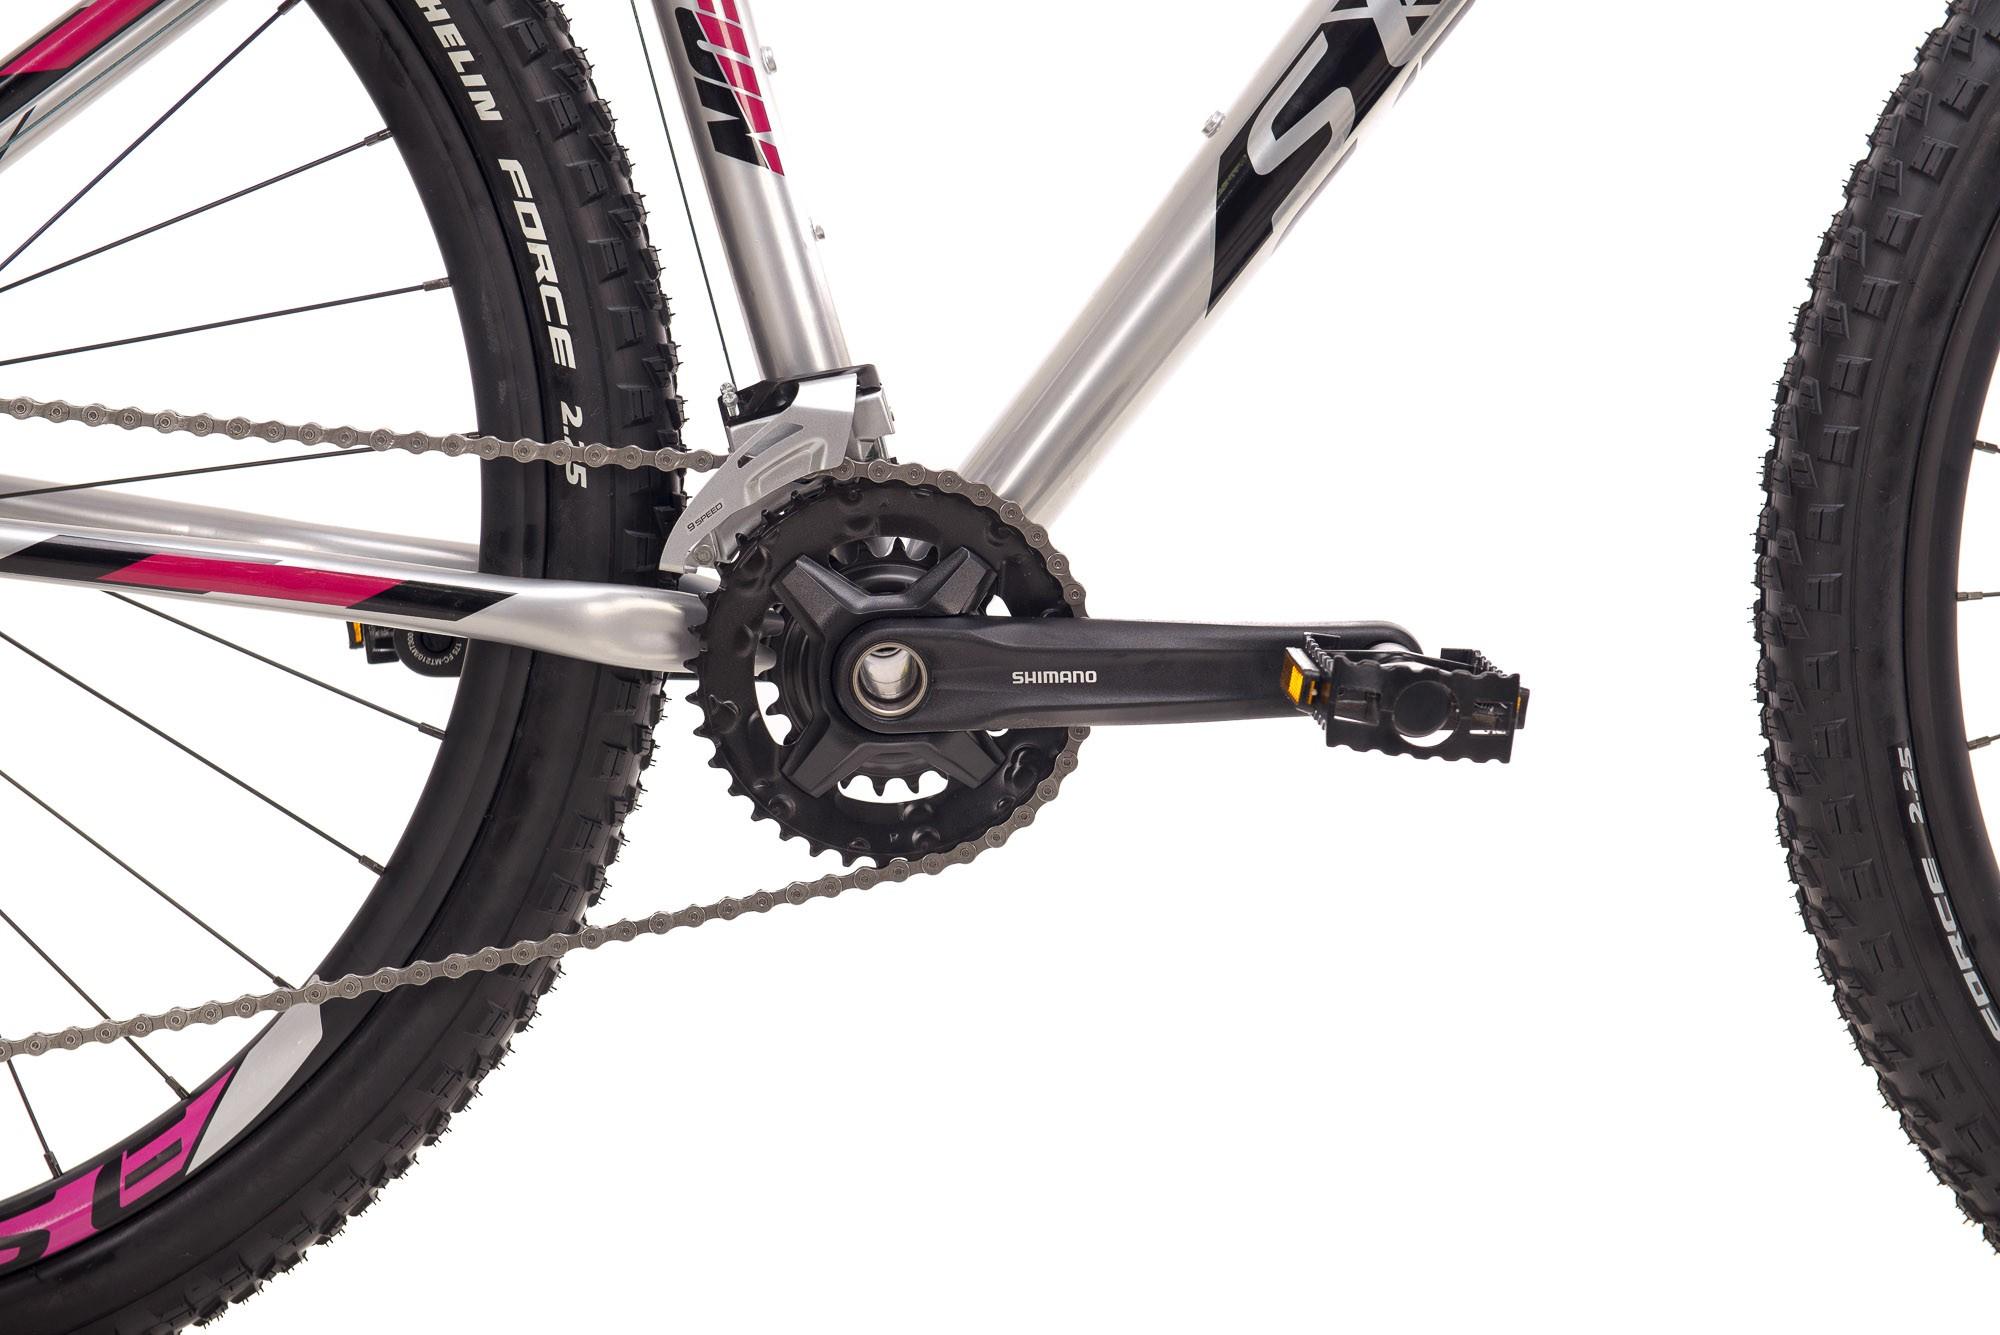 Bicicleta SENSE Fun Evo 2021 - 18v Shimano Alivio - Freio Hidráulico - Suspensão RST Blaze com trava no Ombro - Prata/Roxo